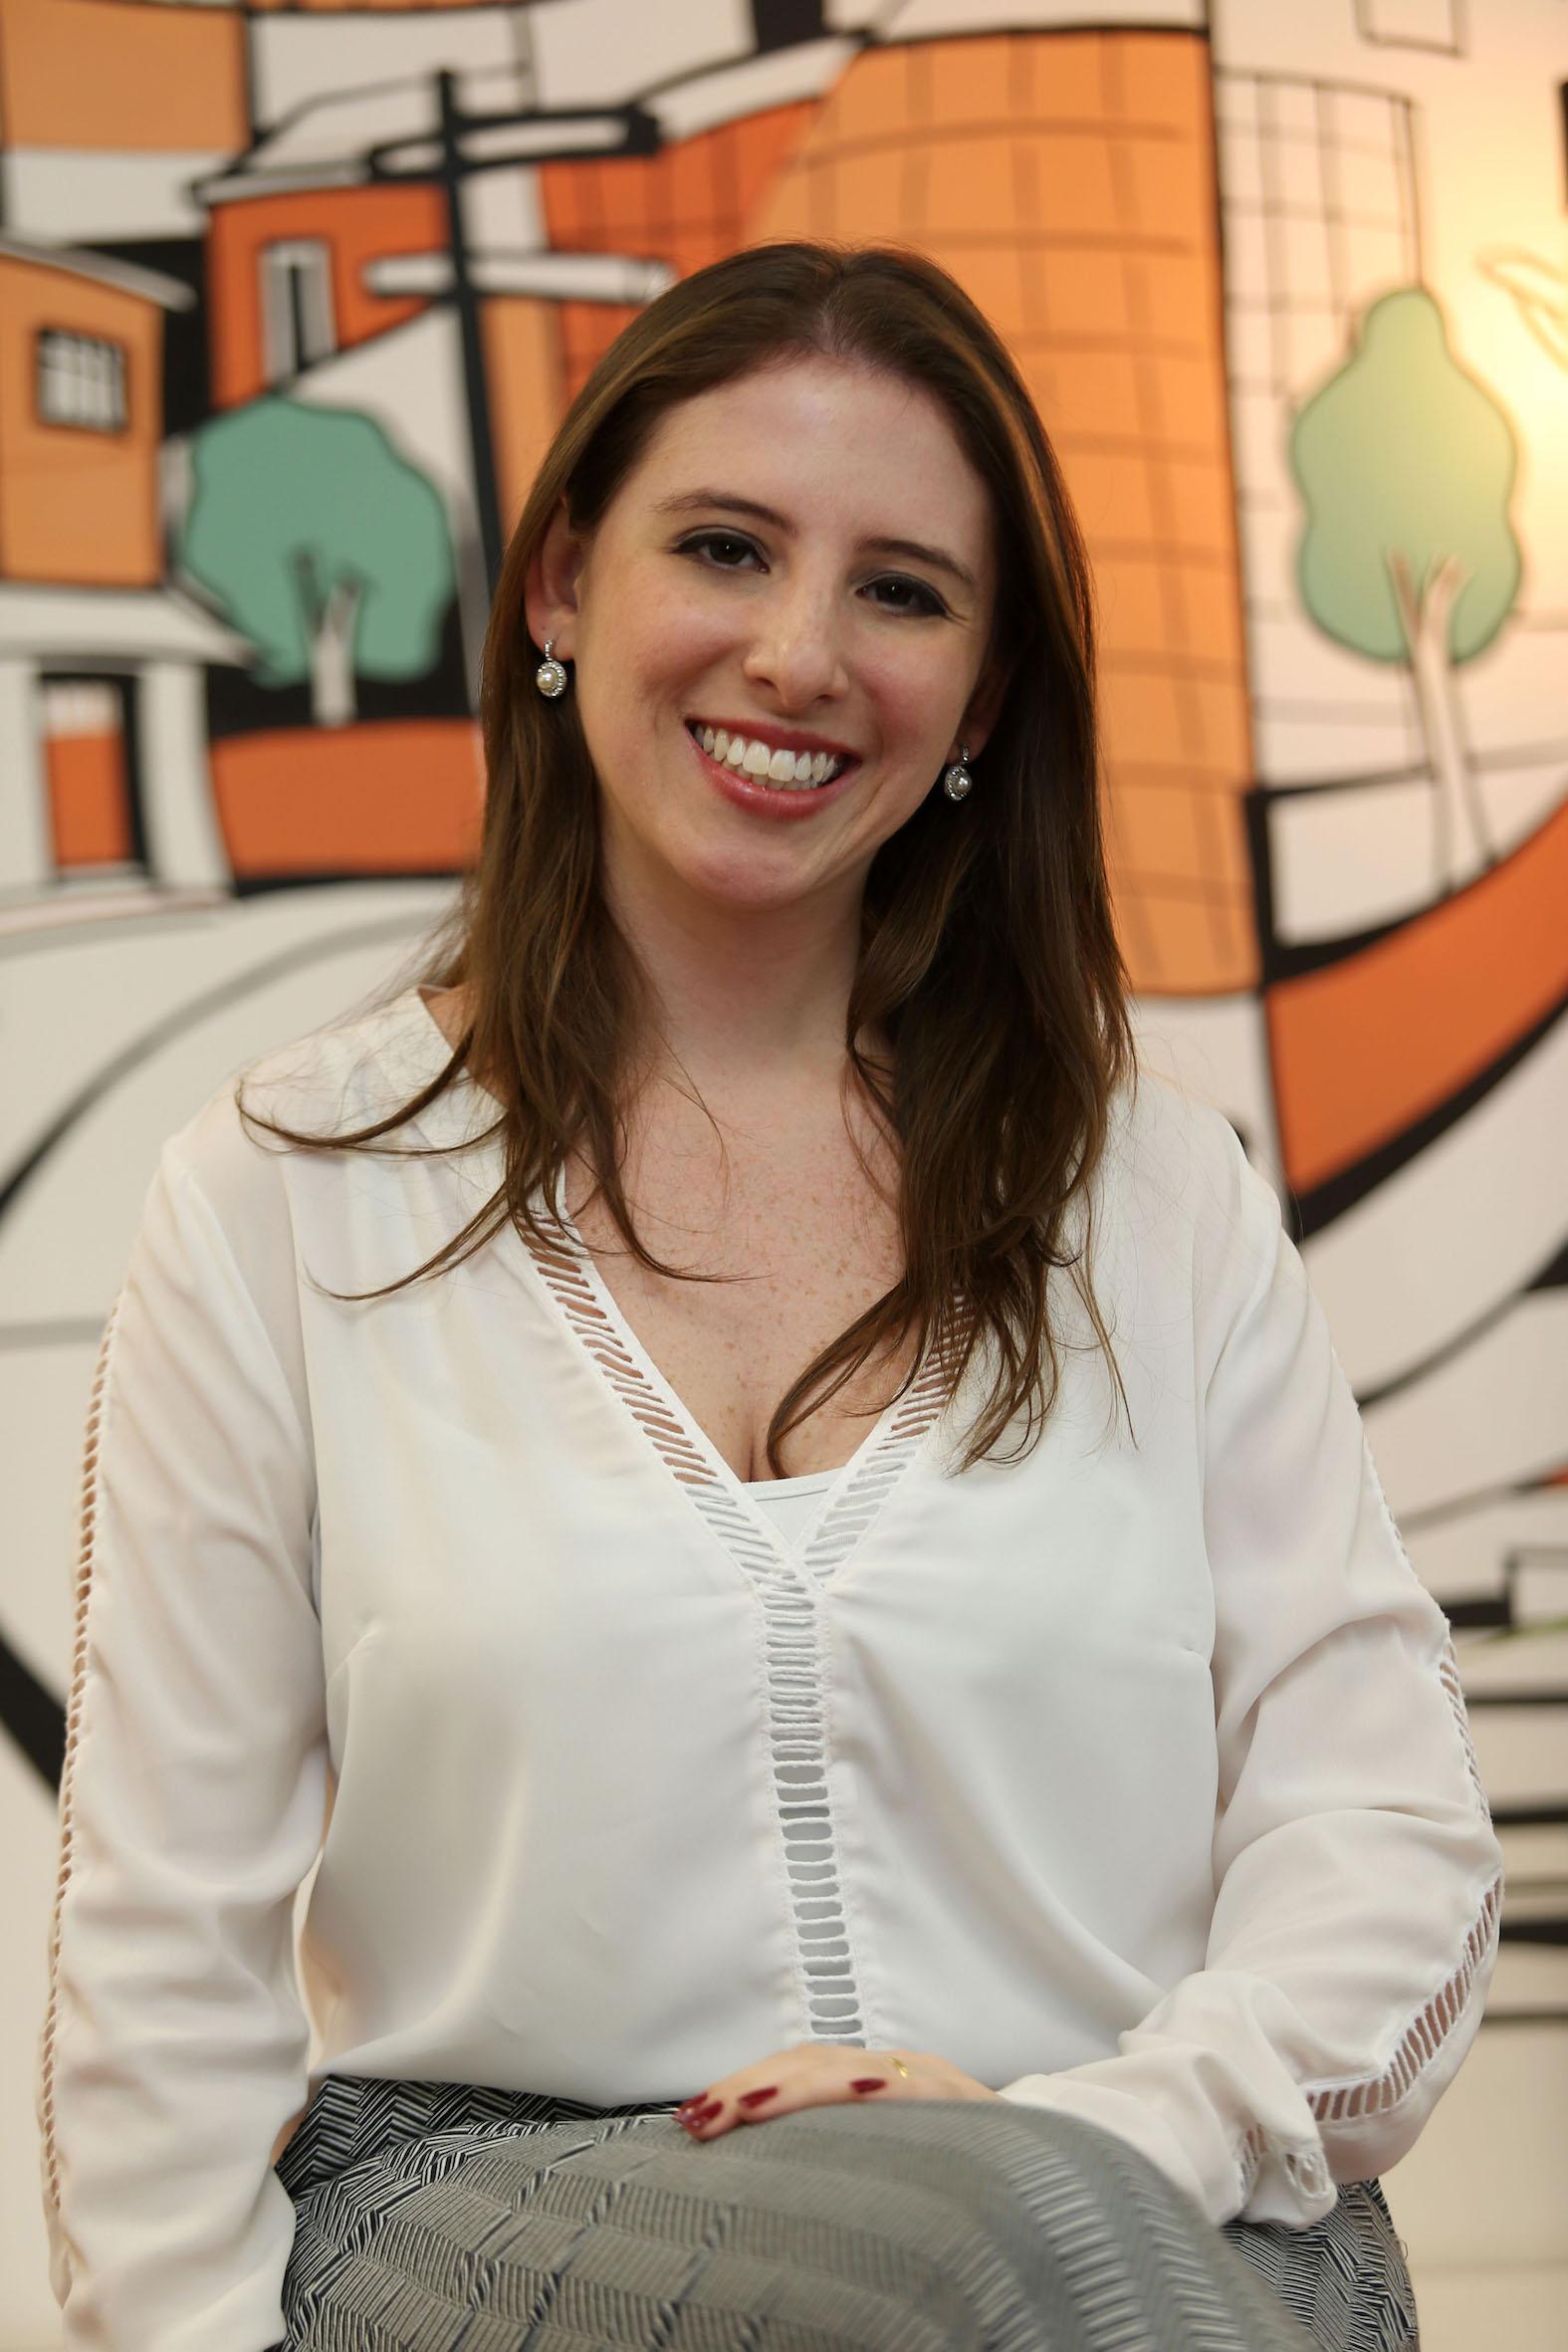 Vanessa Sallas